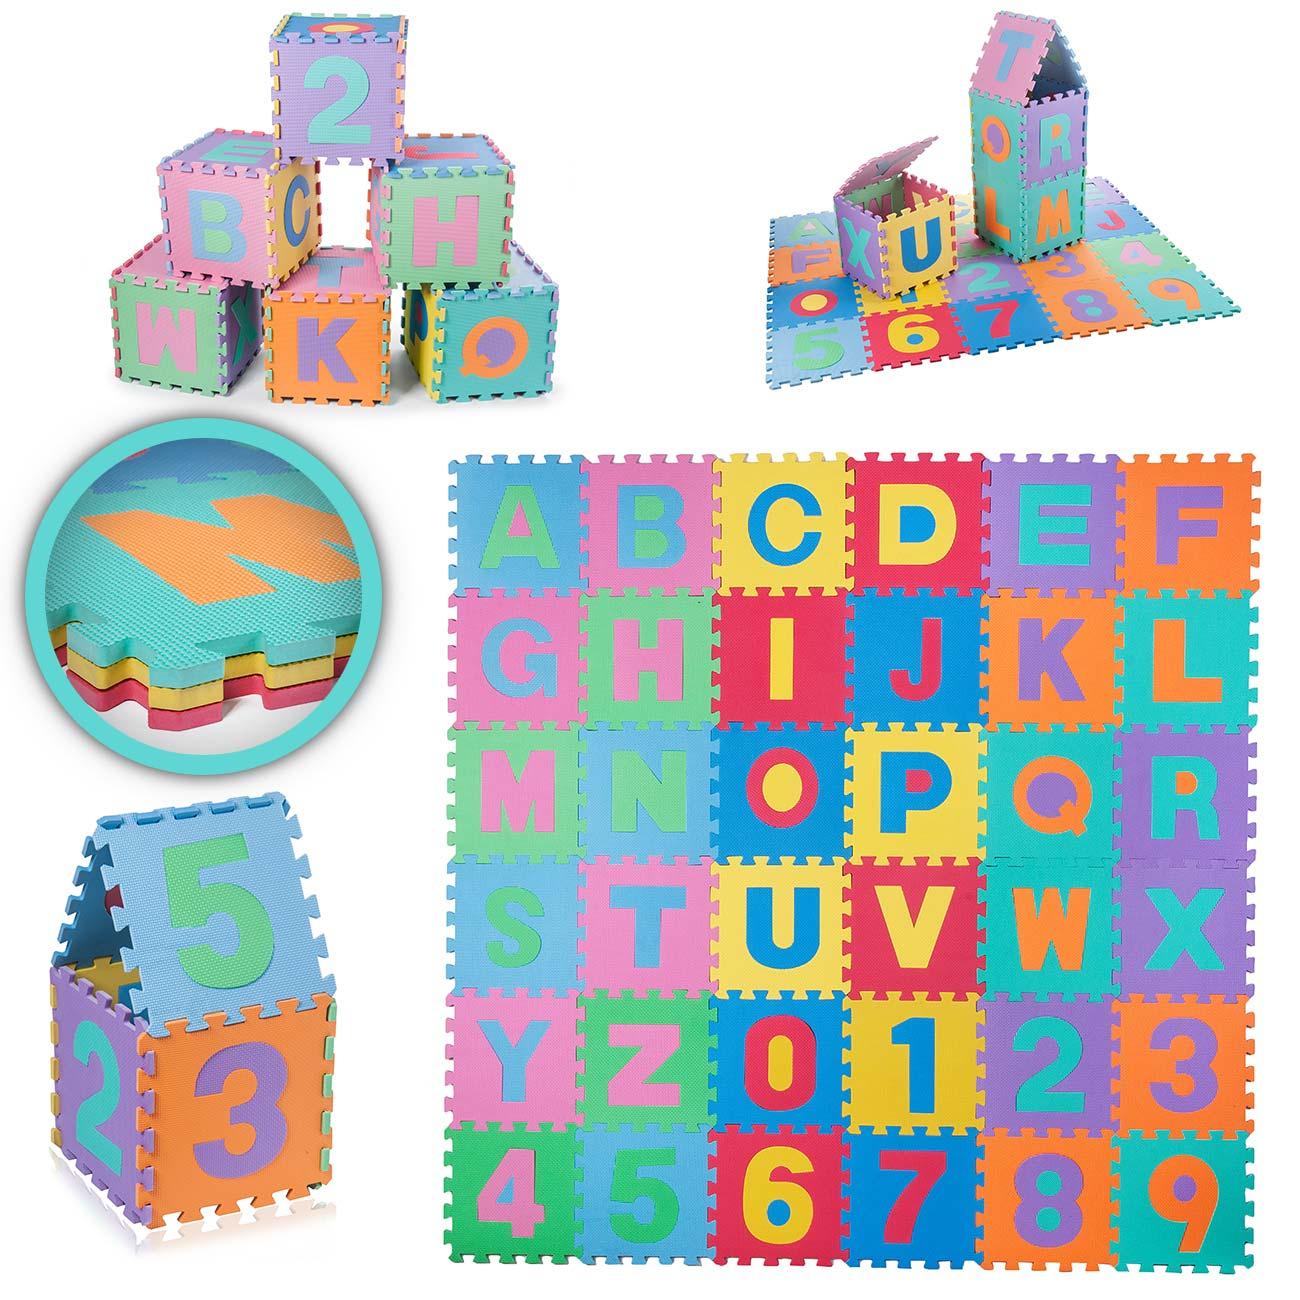 Baby Vivo Tapis De Jeu Puzzle En Mousse Eva Pour Enfants 190 X 190 Cm –  Avec Lettres Et Chiffres | Ma Trading concernant Chiffre Pour Enfant